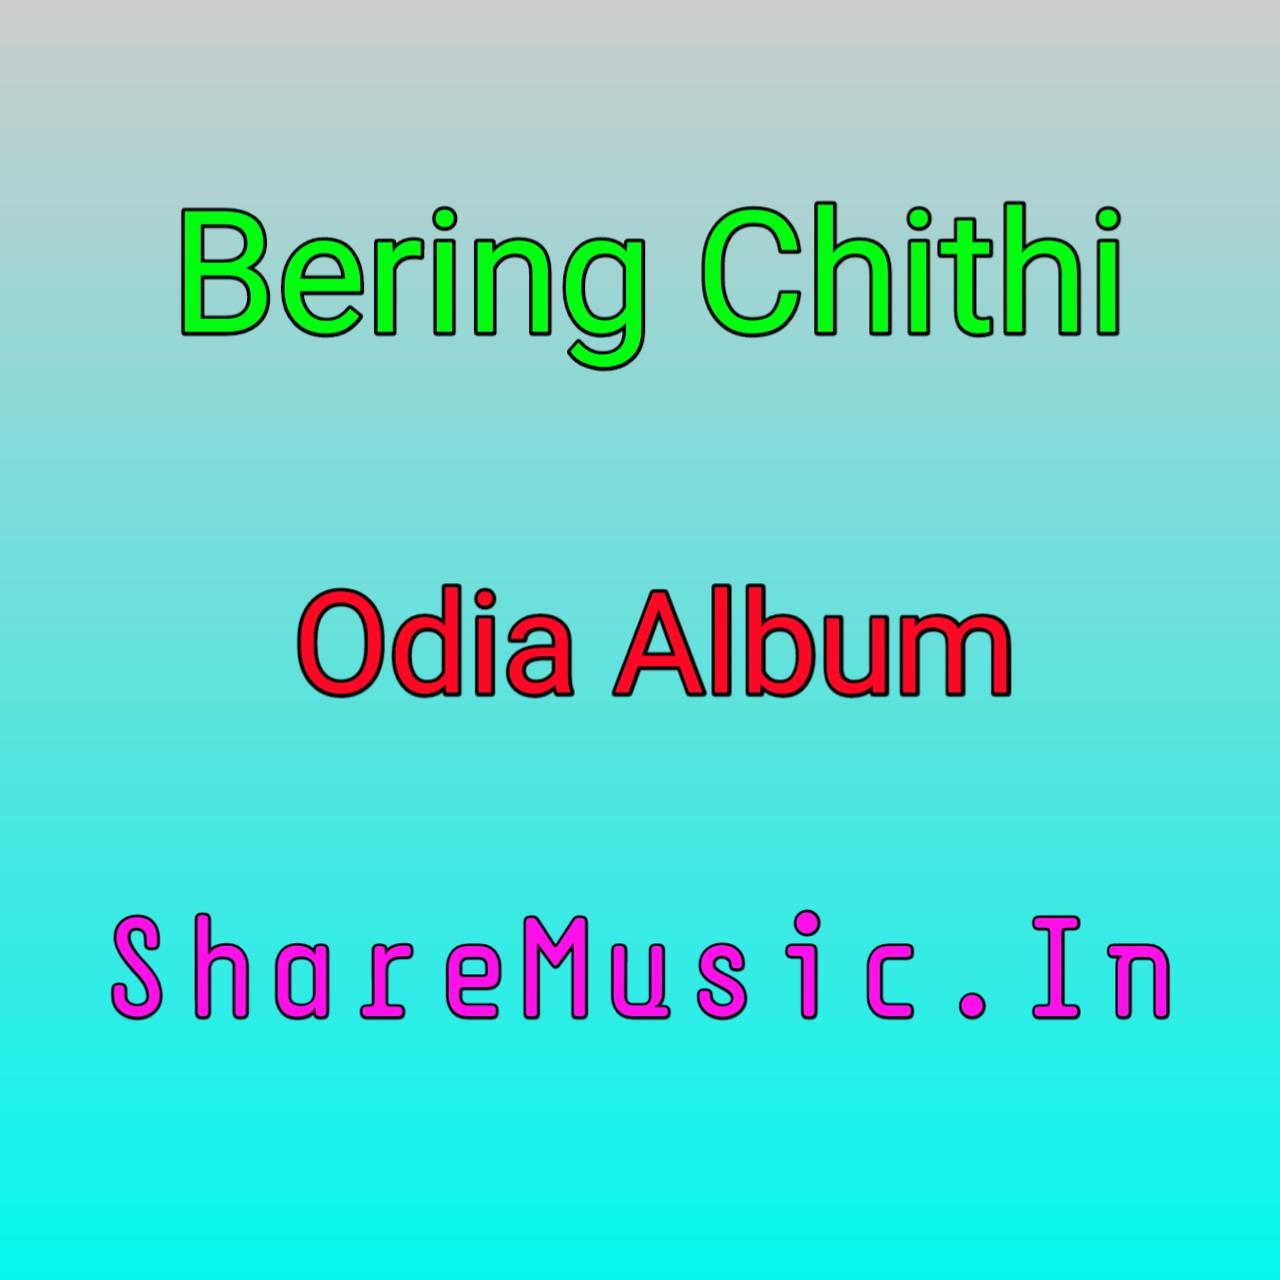 Bering Chithi